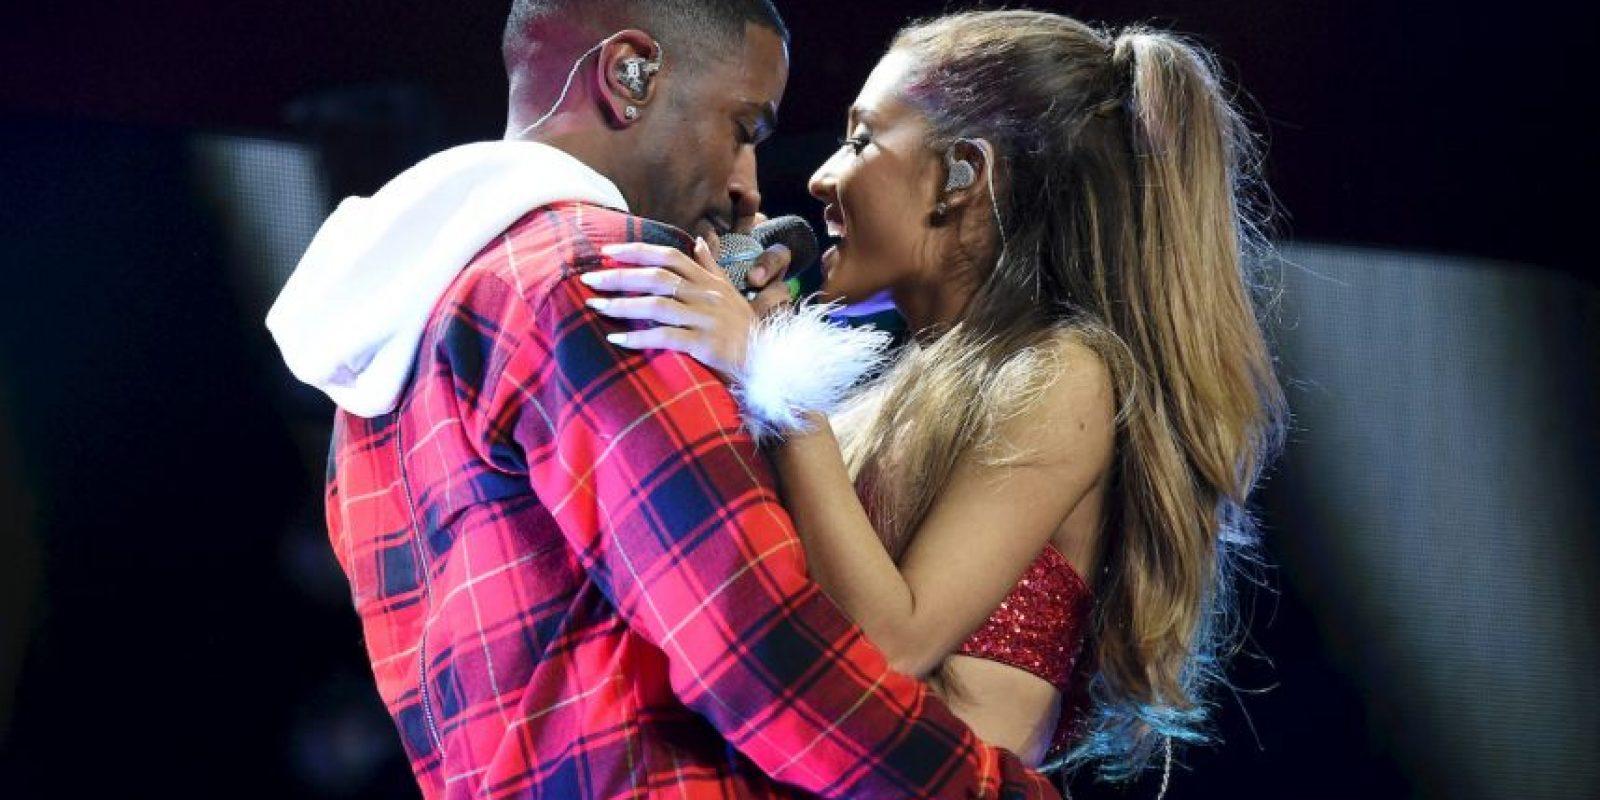 No se descarta de que en un futuro decidan retomar su relación Foto:Getty Images